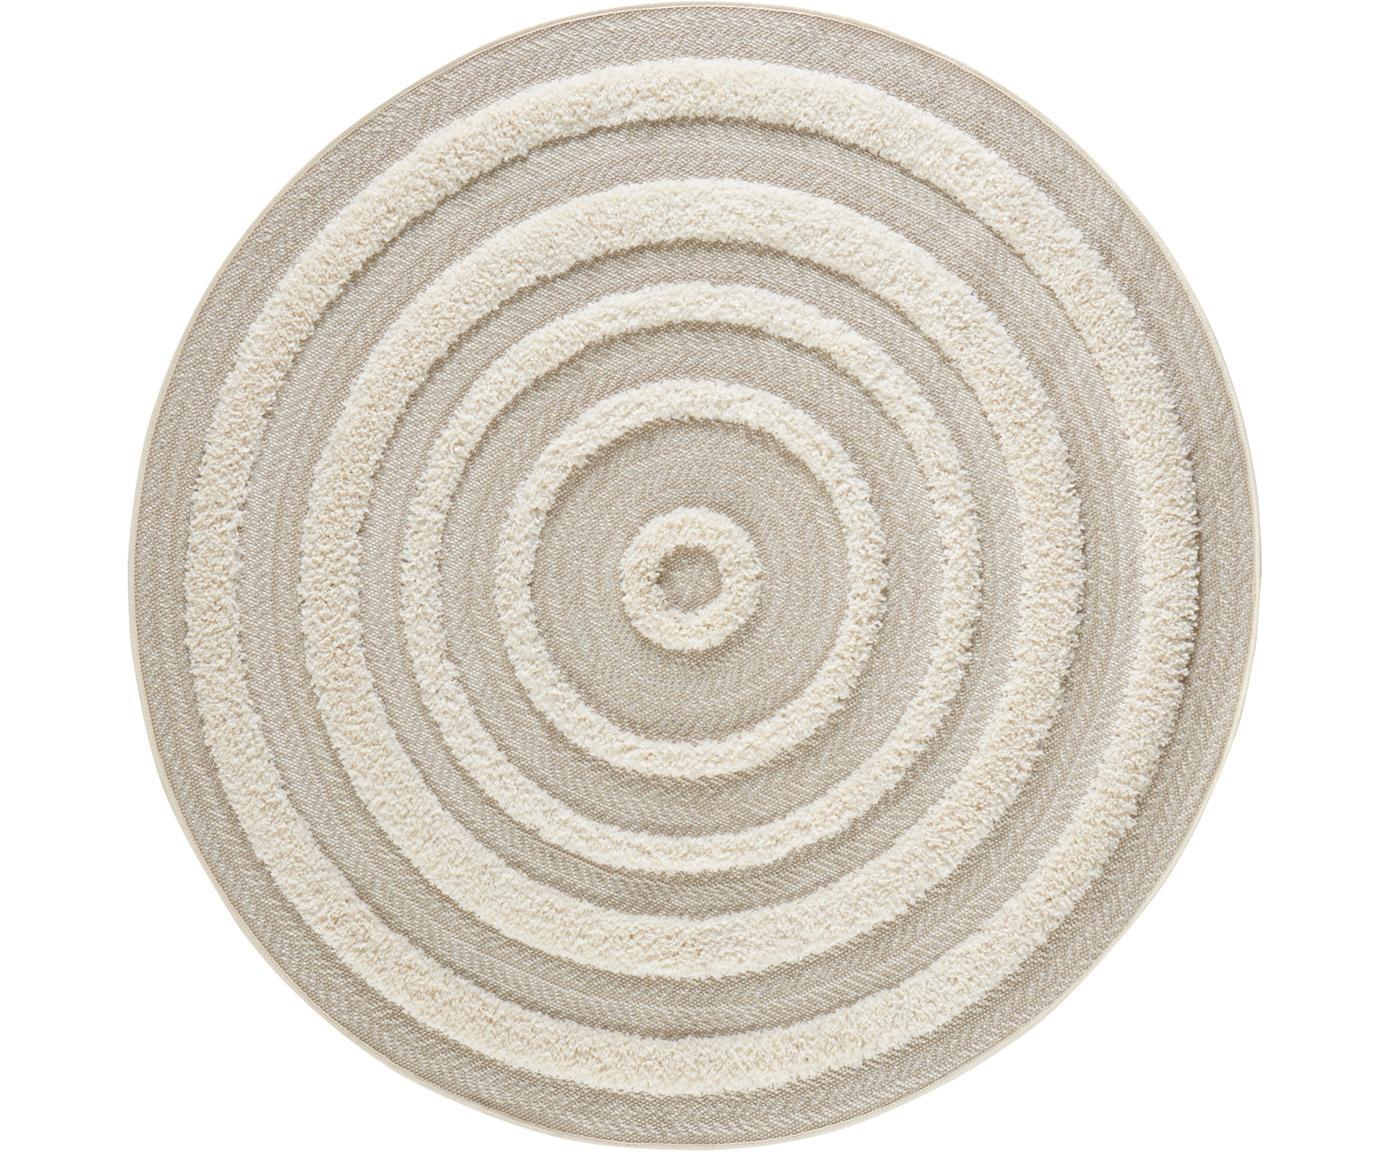 Tappeto rotondo con motivo a rilievo Nador, Beige, color crema, Ø 160 cm (taglia L)